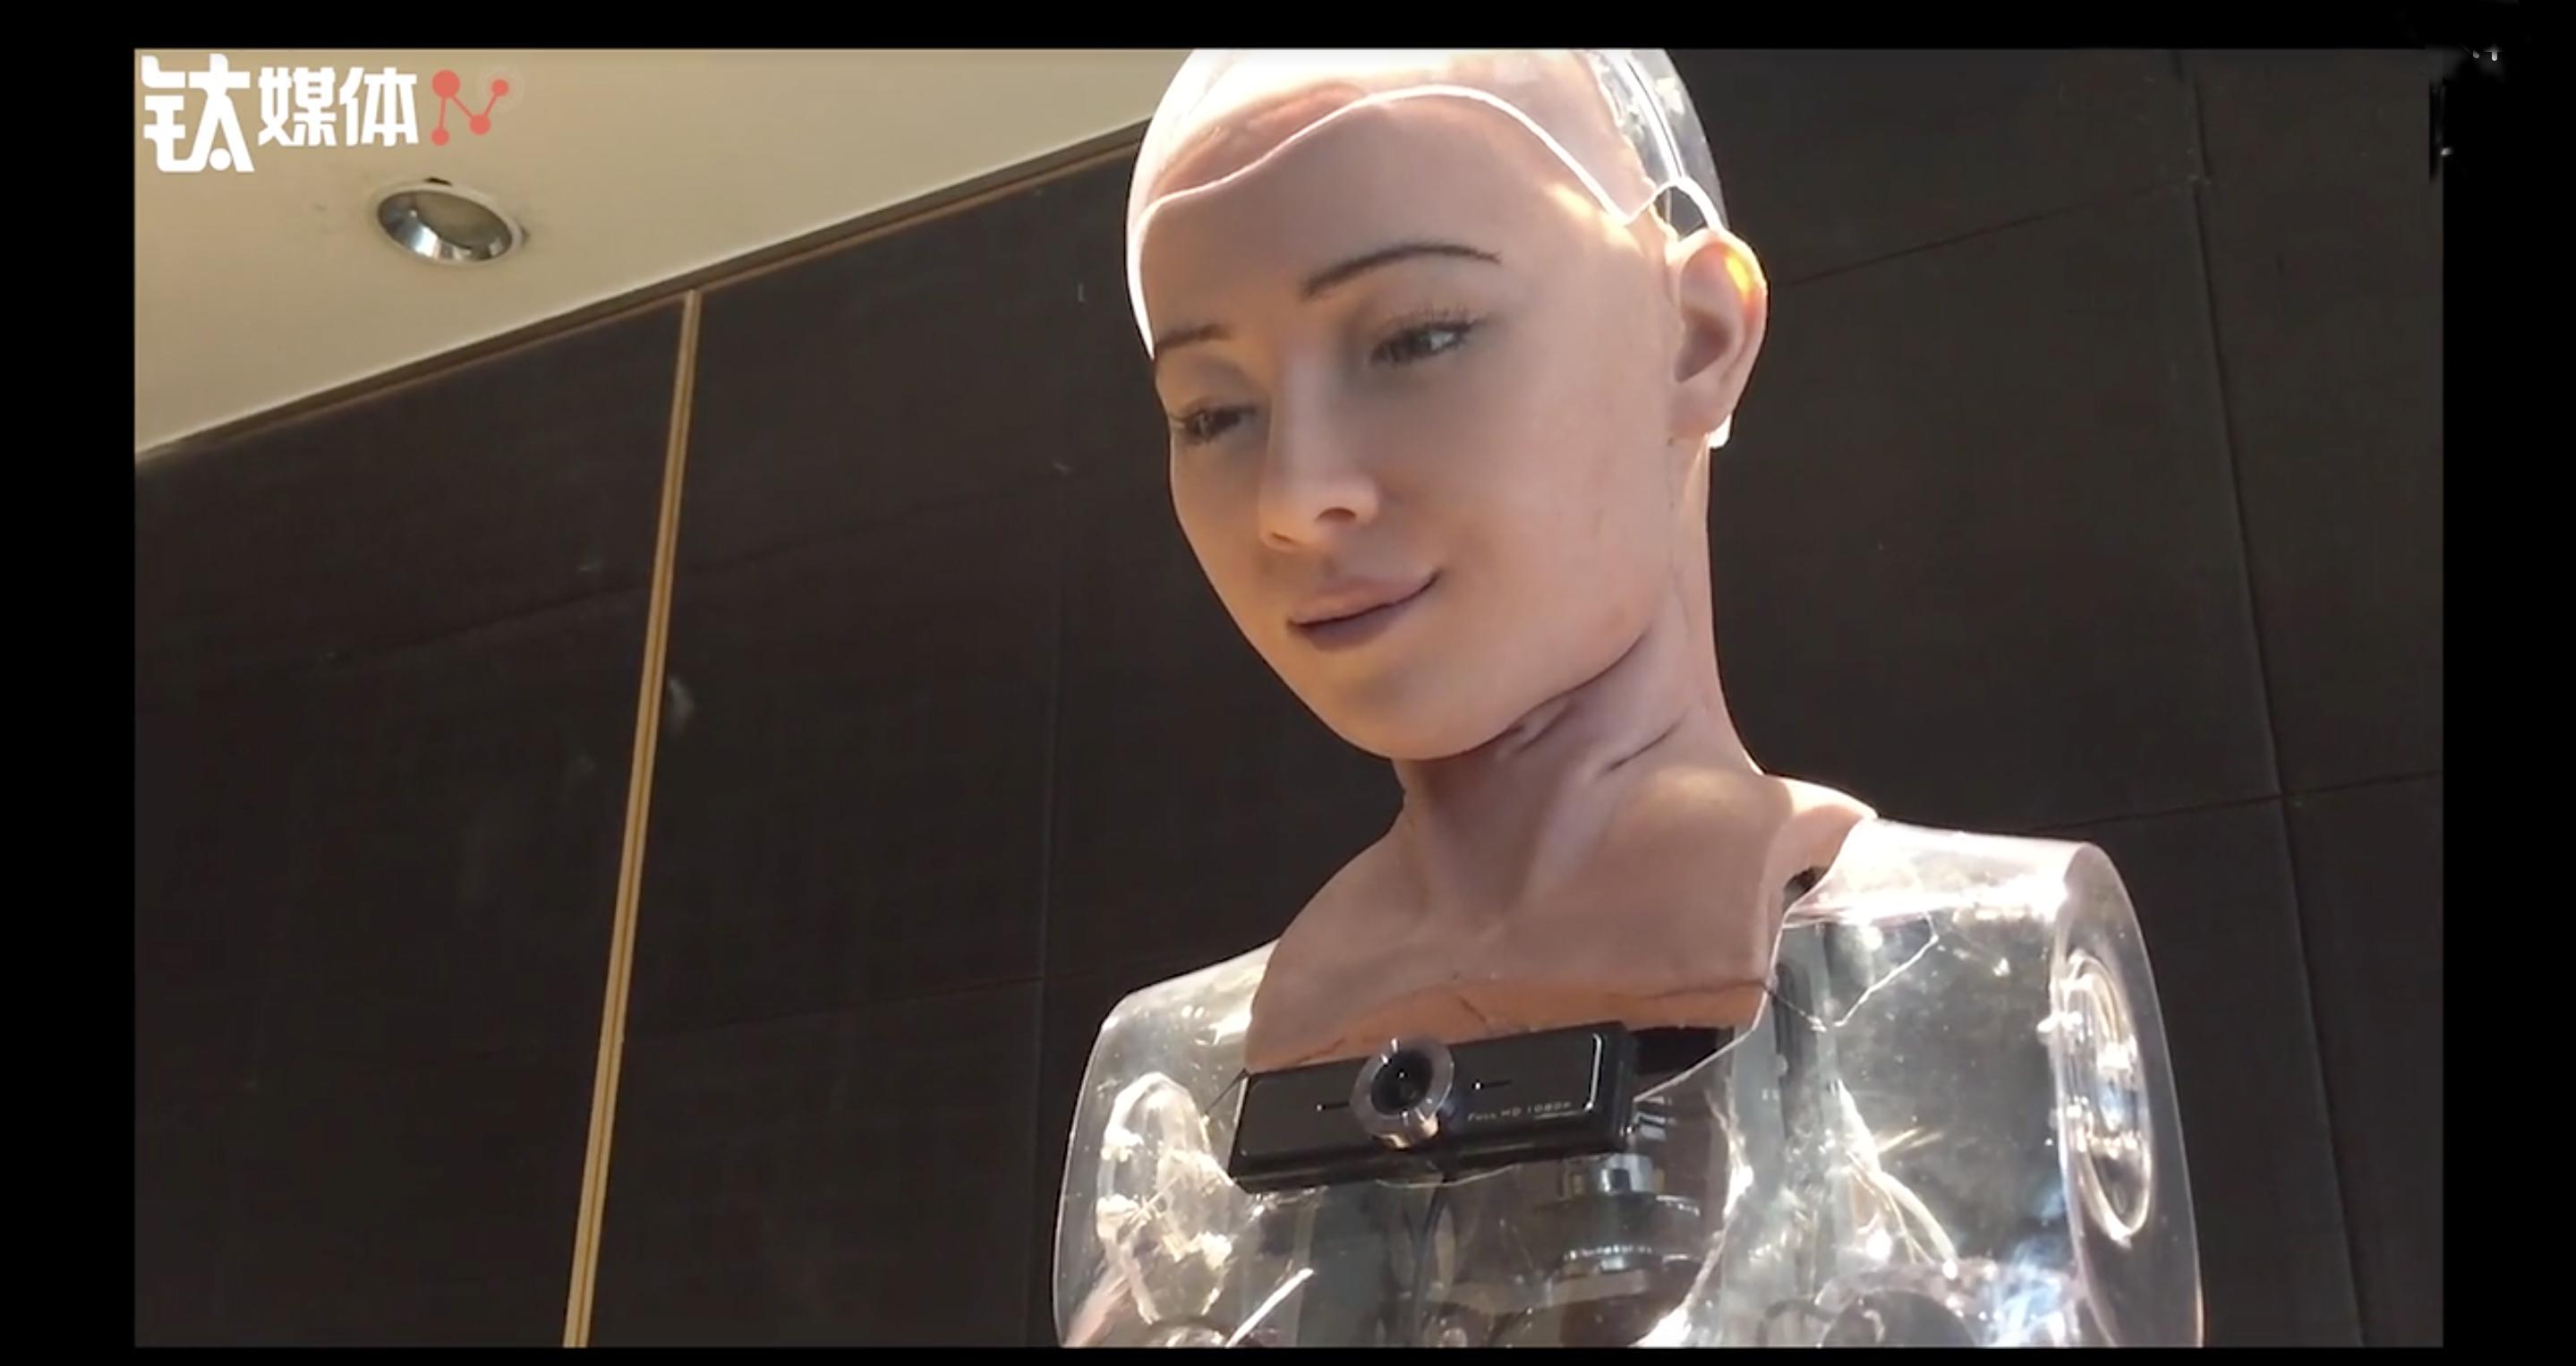 最可怕女性表情机器人Sophia,在钛媒体T-EDGE全球首发